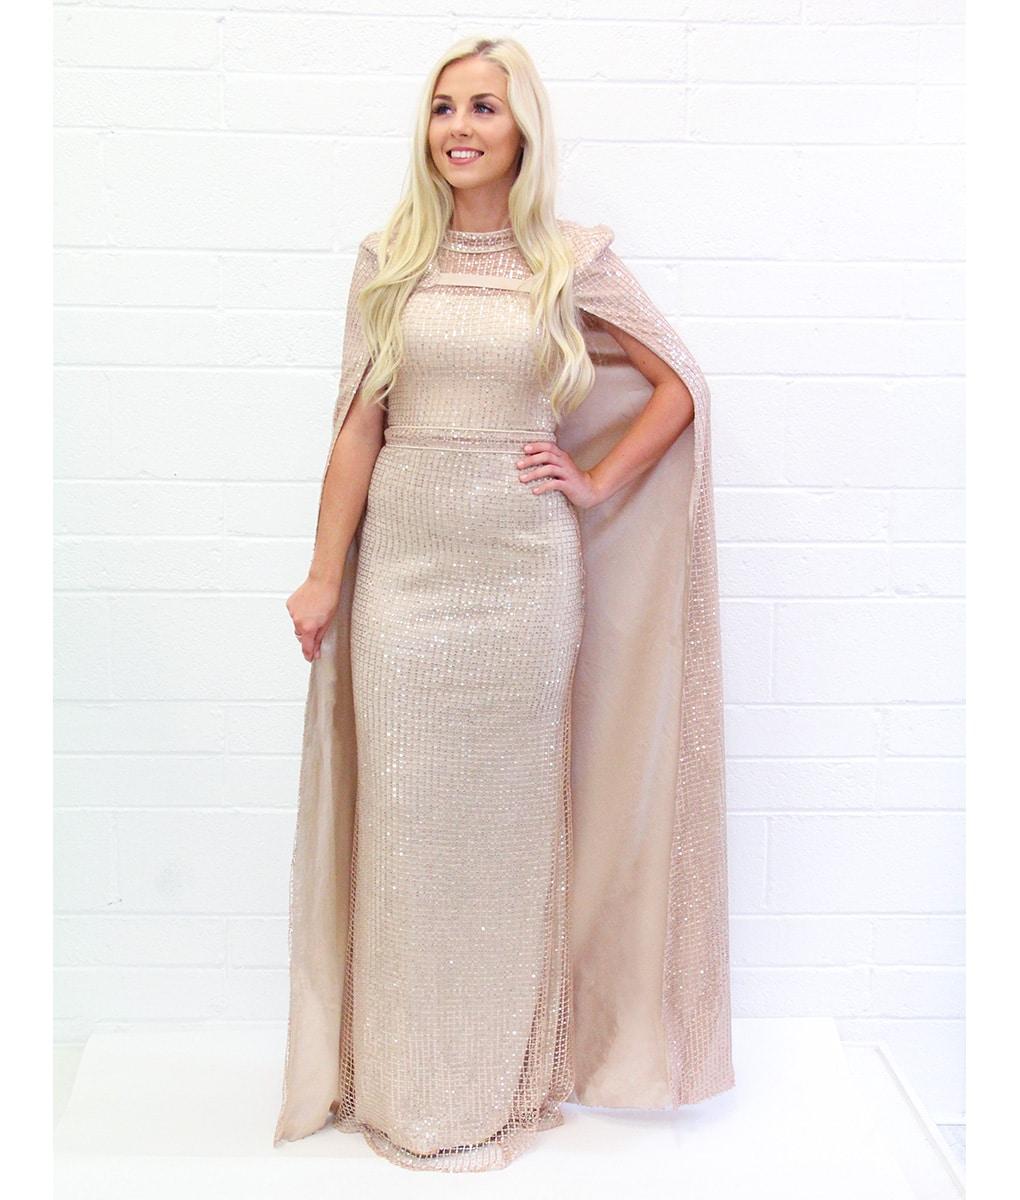 Alila-Champagne-Sequin-Cape-glam-dress-bariano